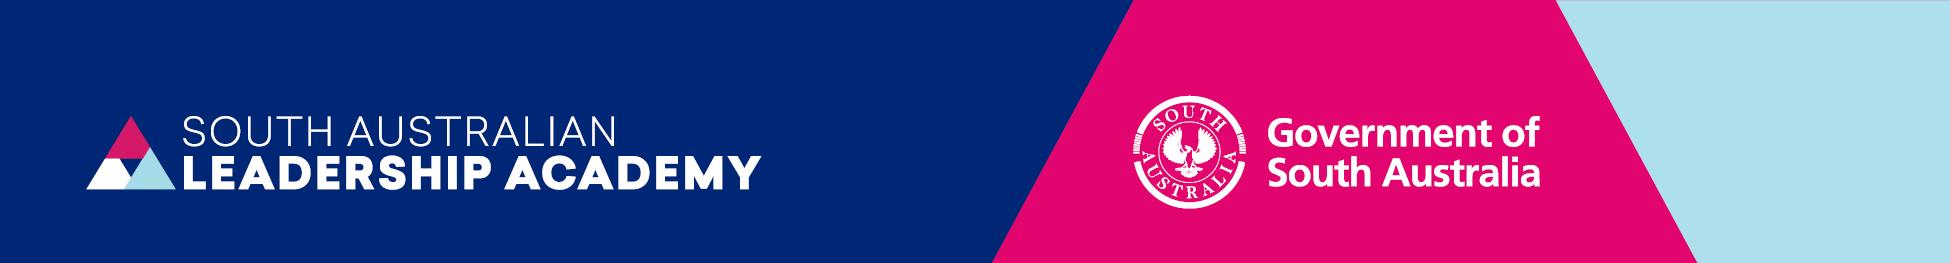 SA Leadership Academy Logo and Government of SA logo